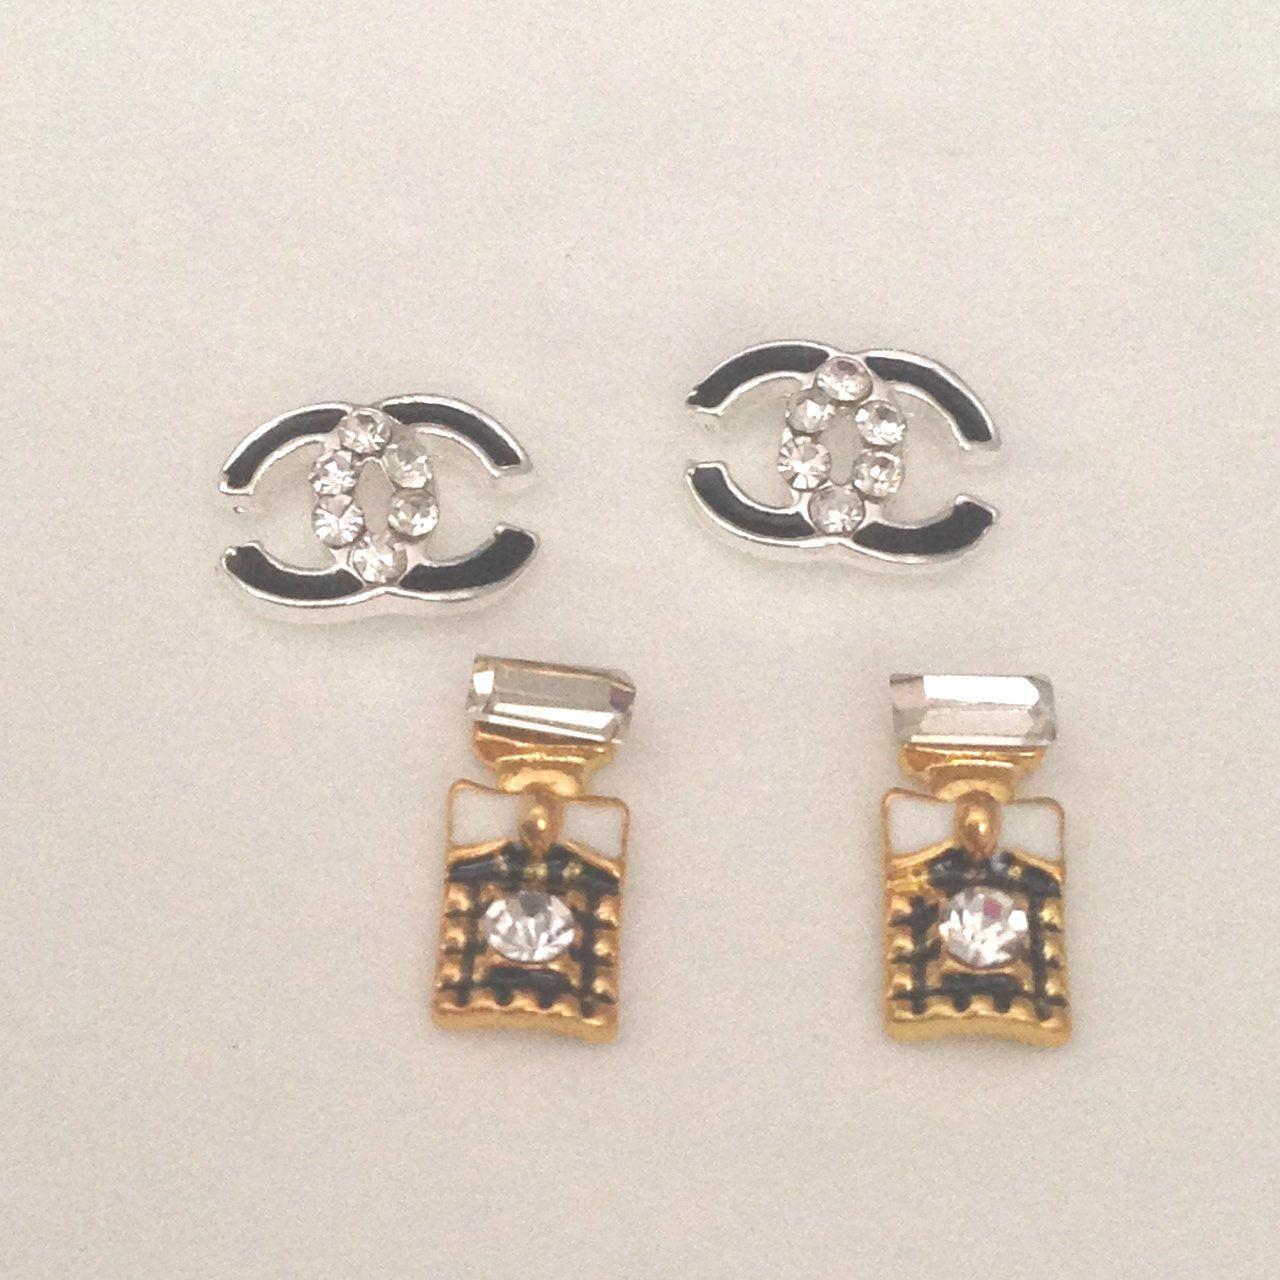 Online shop for beautiful nail art charms,custom nail kits, nail ...